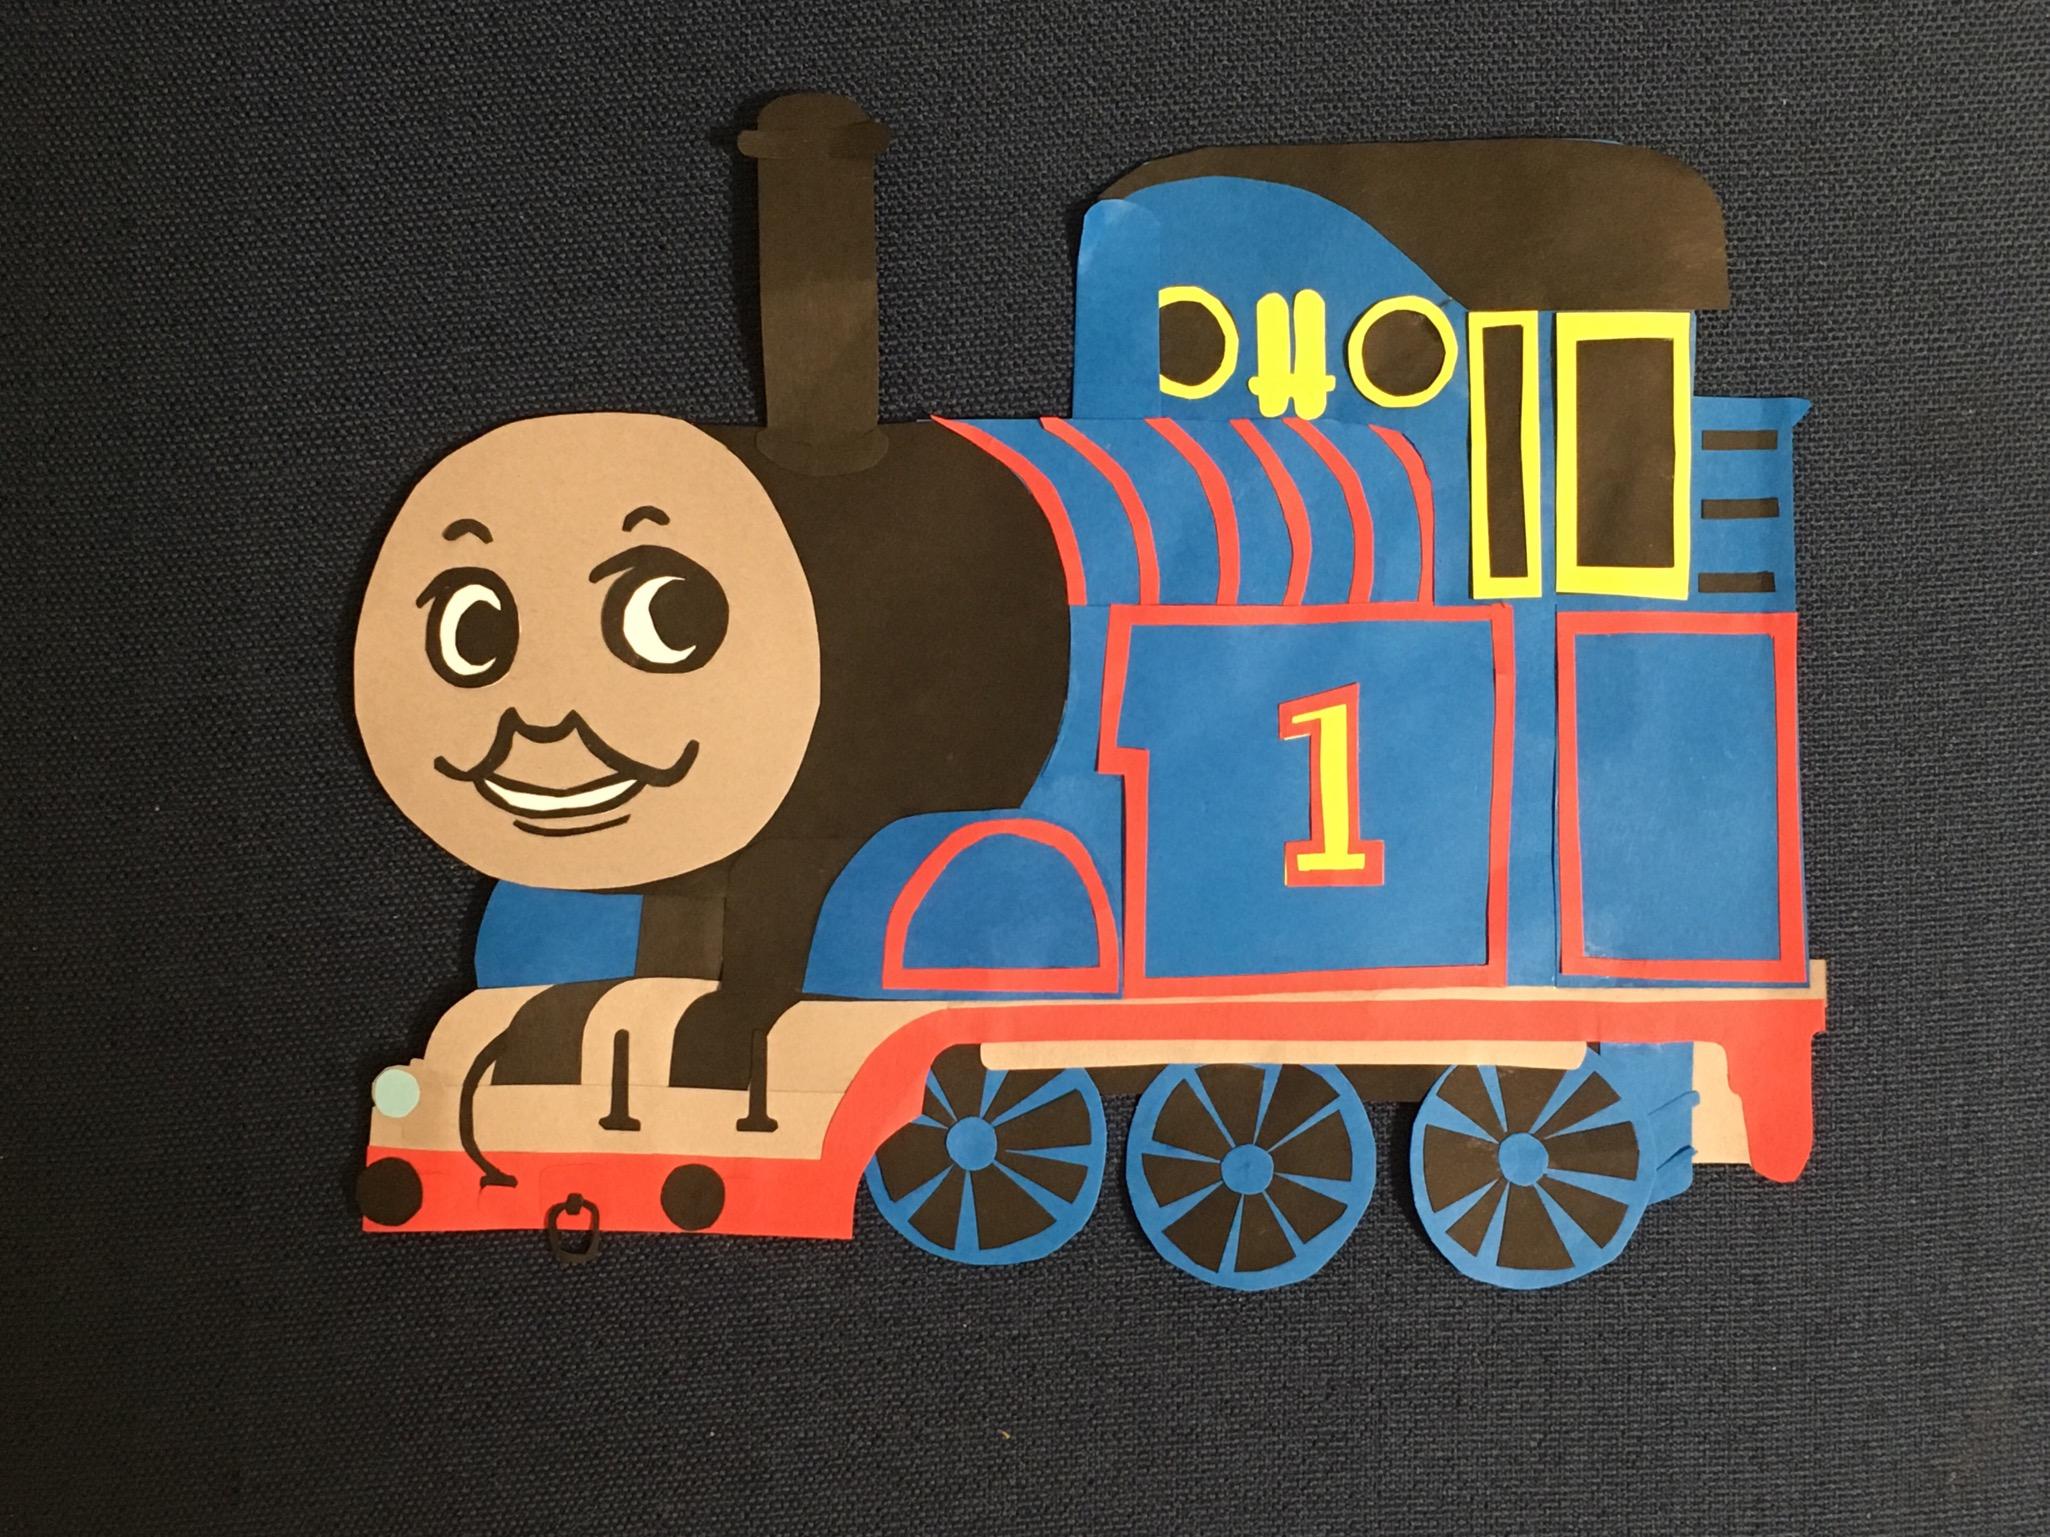 画用紙で作ったトーマス